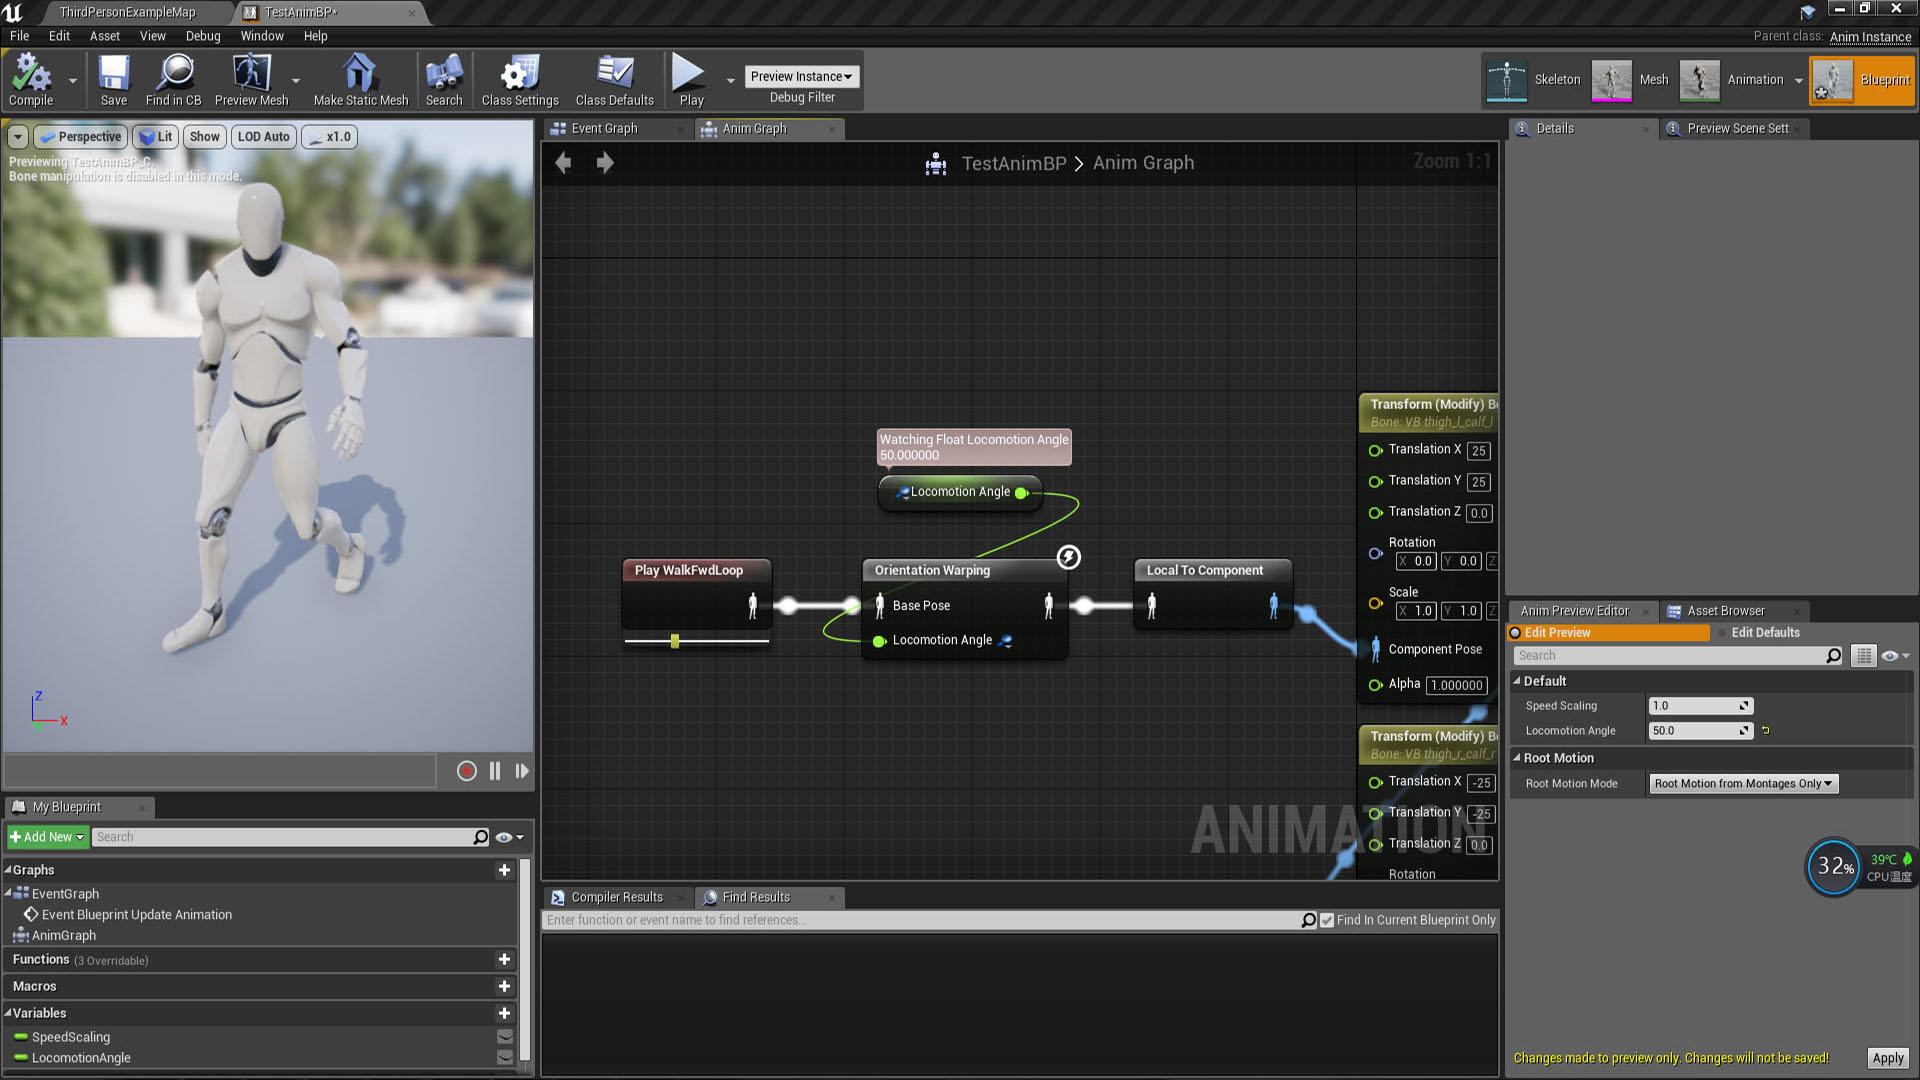 Custom Speed & Orientation Warping by SeanChen in Code